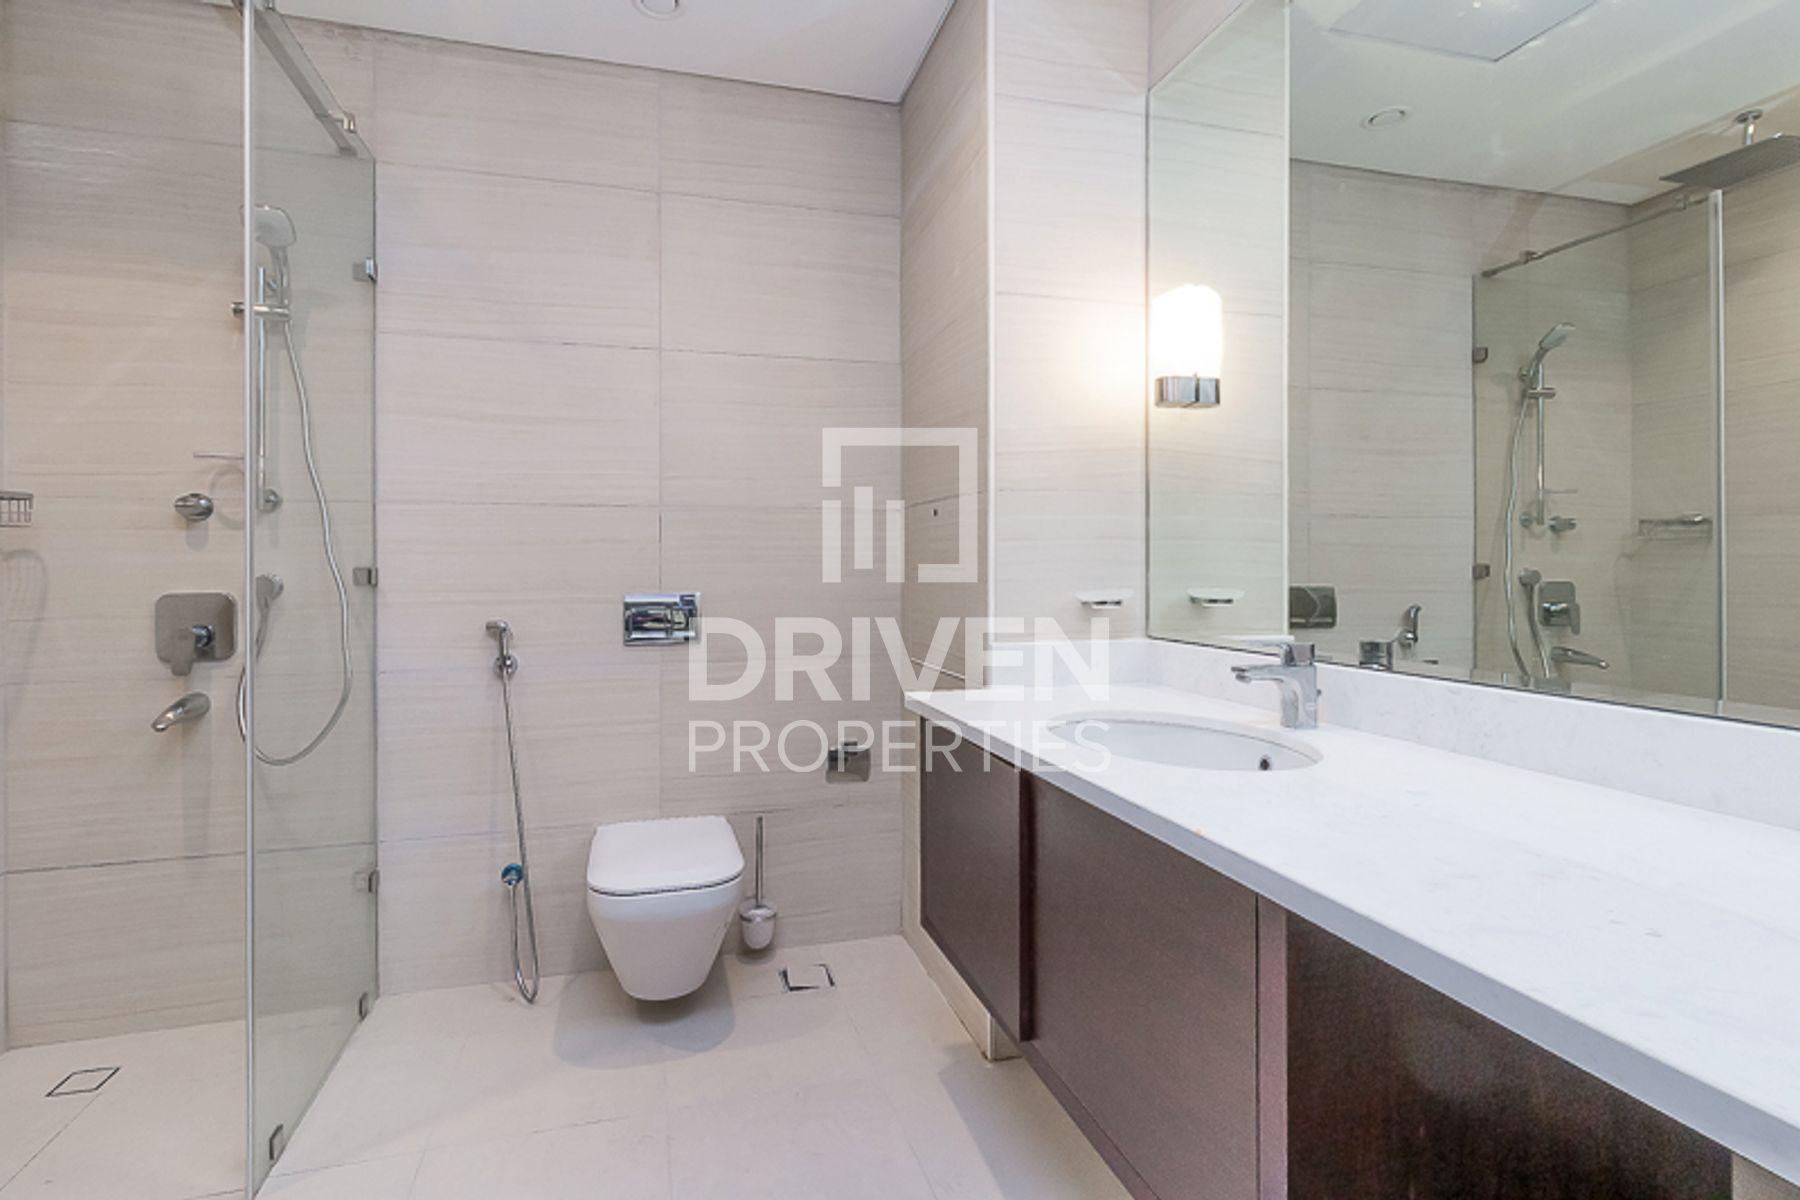 للايجار - شقة - بهوان تاور داون تاون - دبي وسط المدينة